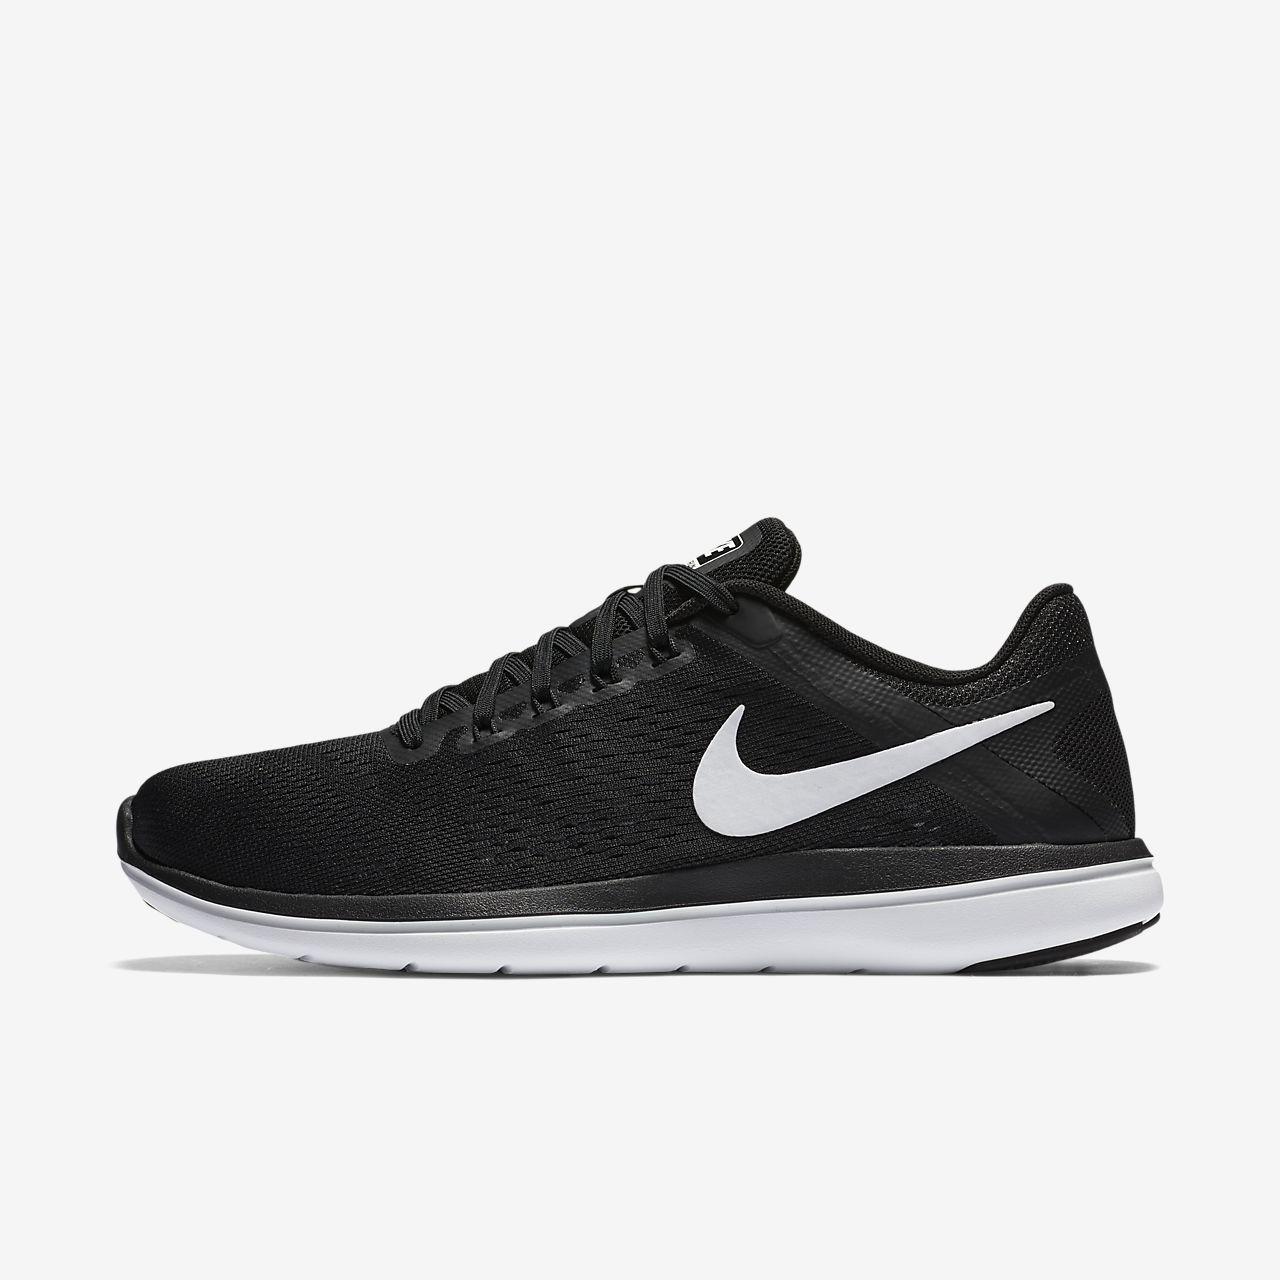 Femmes Wmns Flex 2016 Chaussures De Course Nike Rn shx2NNxKT